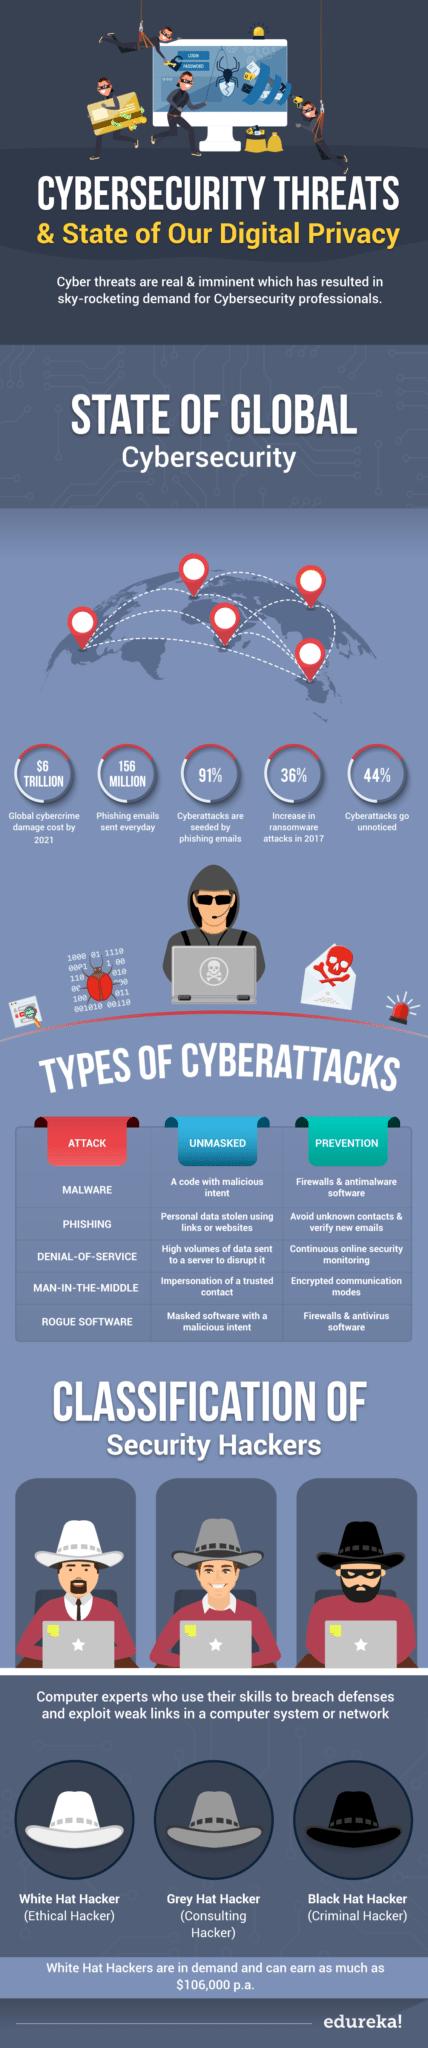 网络安全威胁与我国数字隐私现状